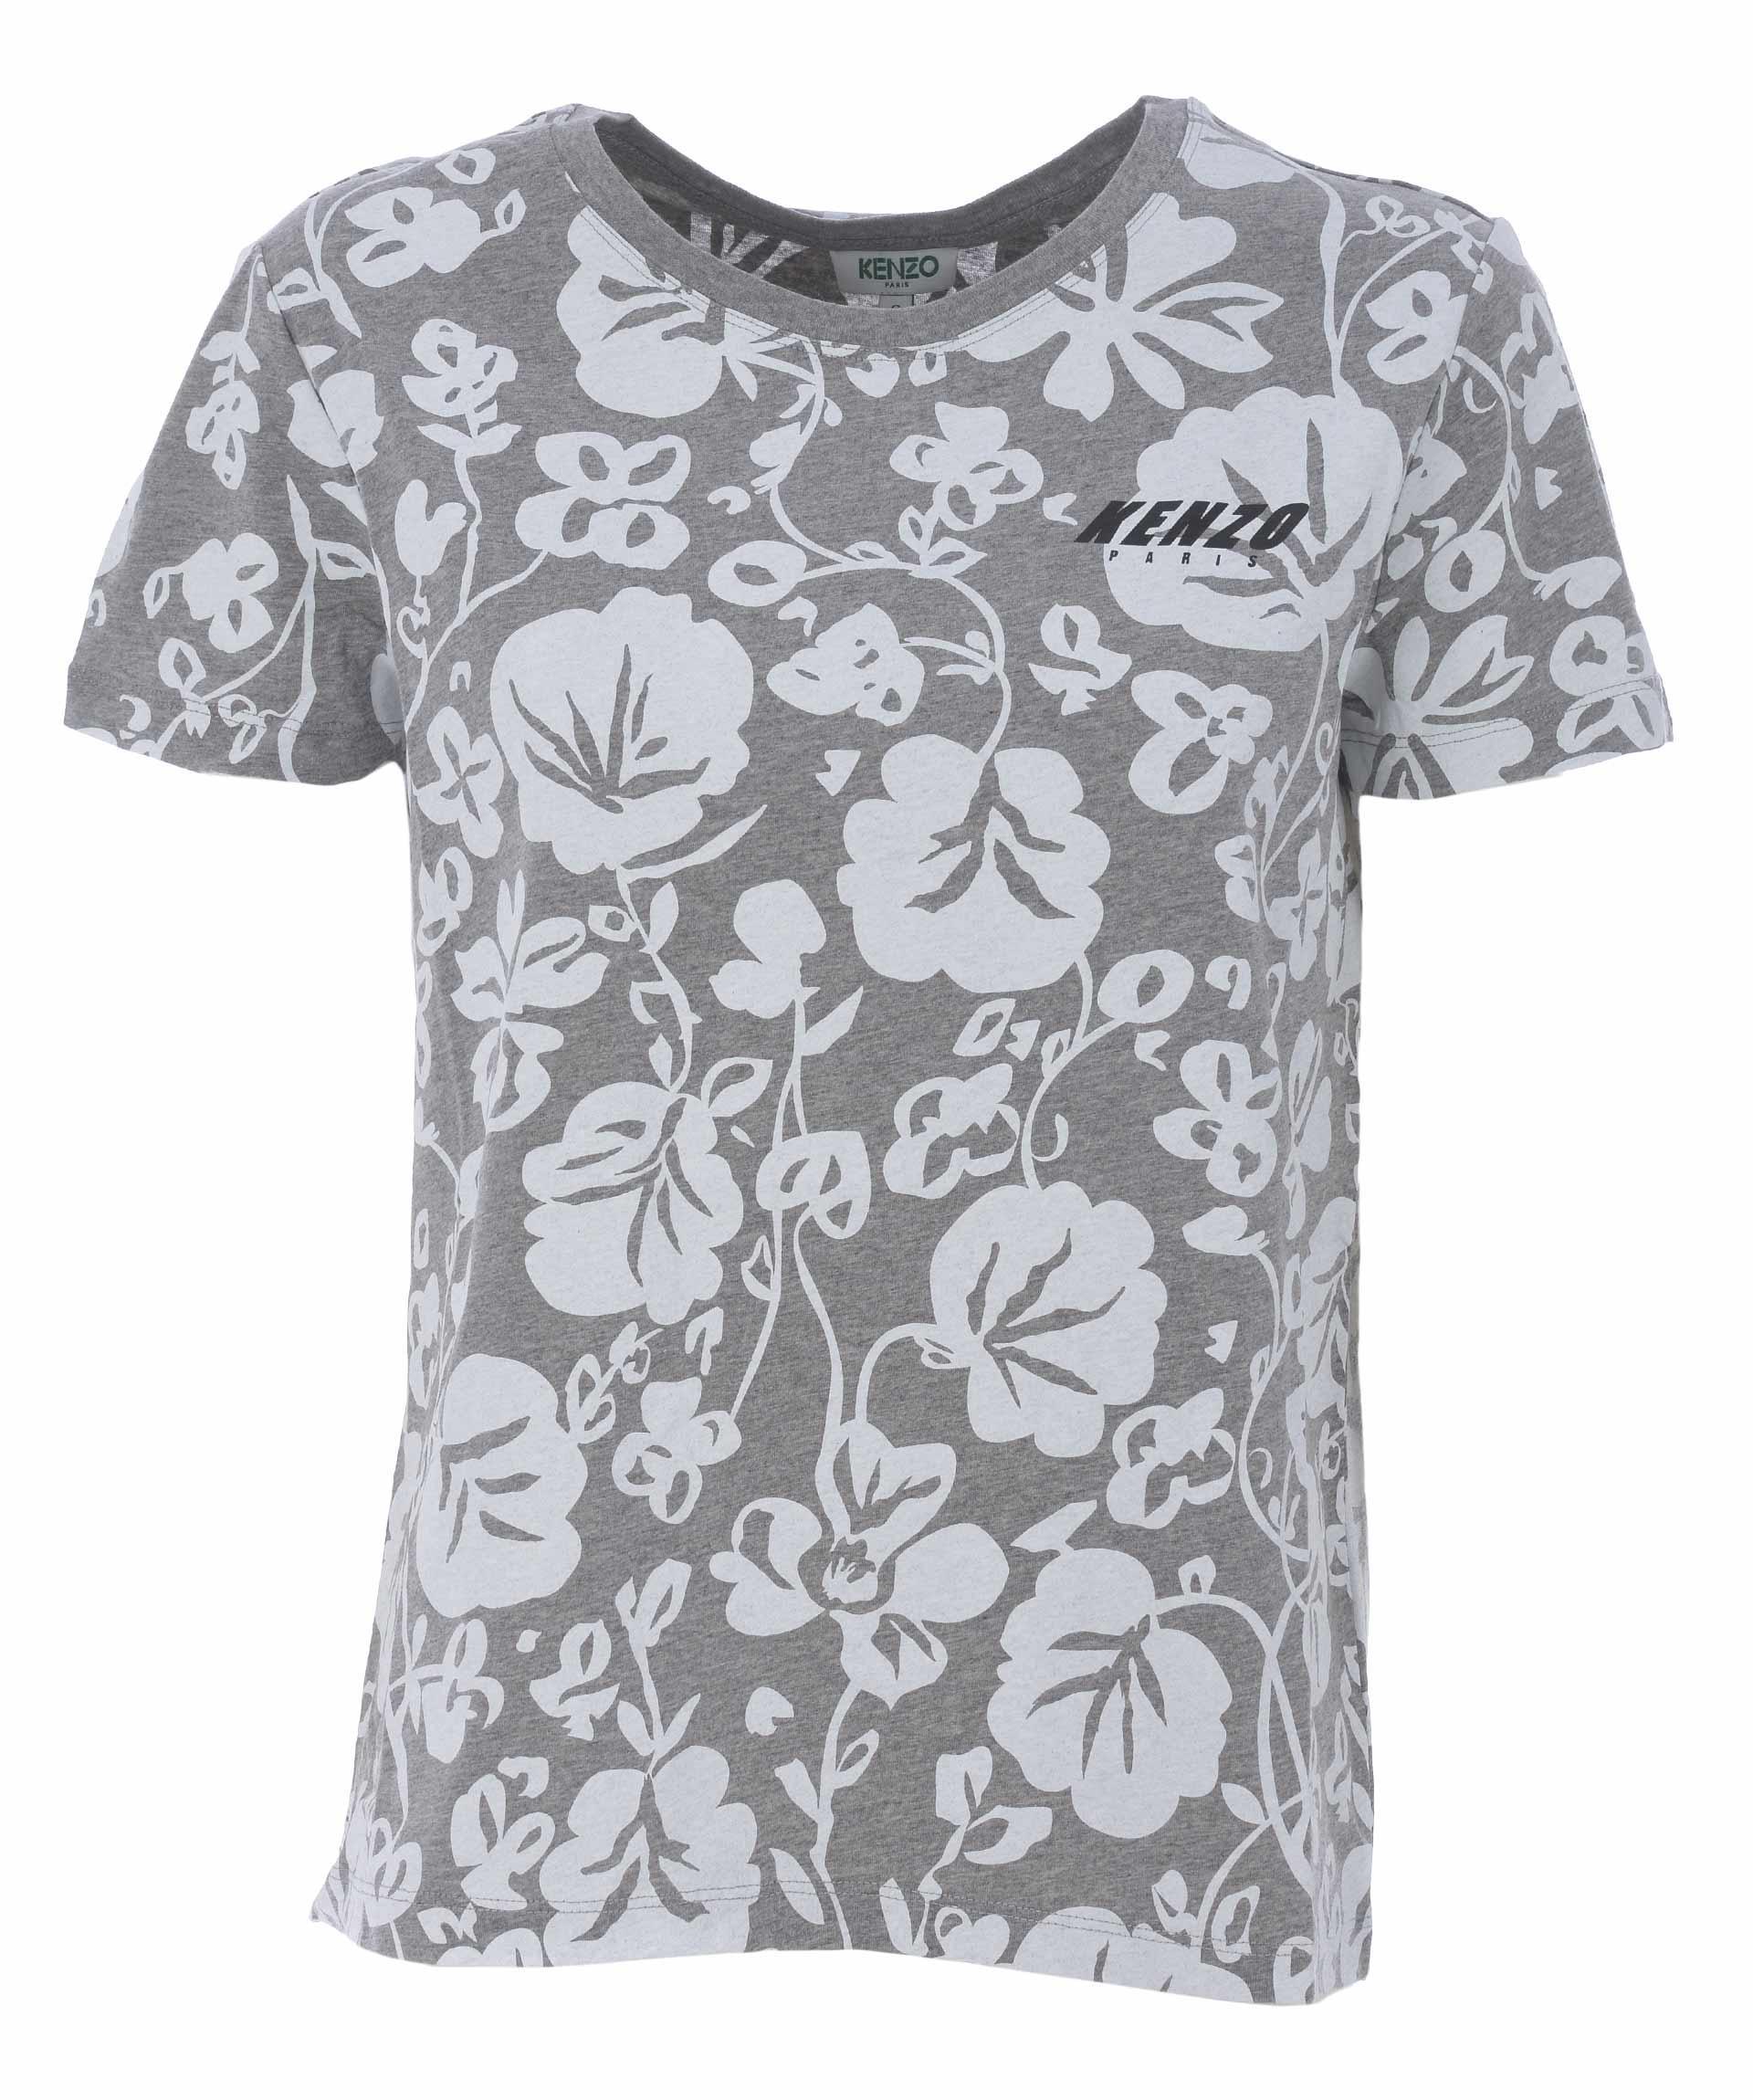 Kenzo Floral Leaf Print T-Shirt In Grigio/Bianco